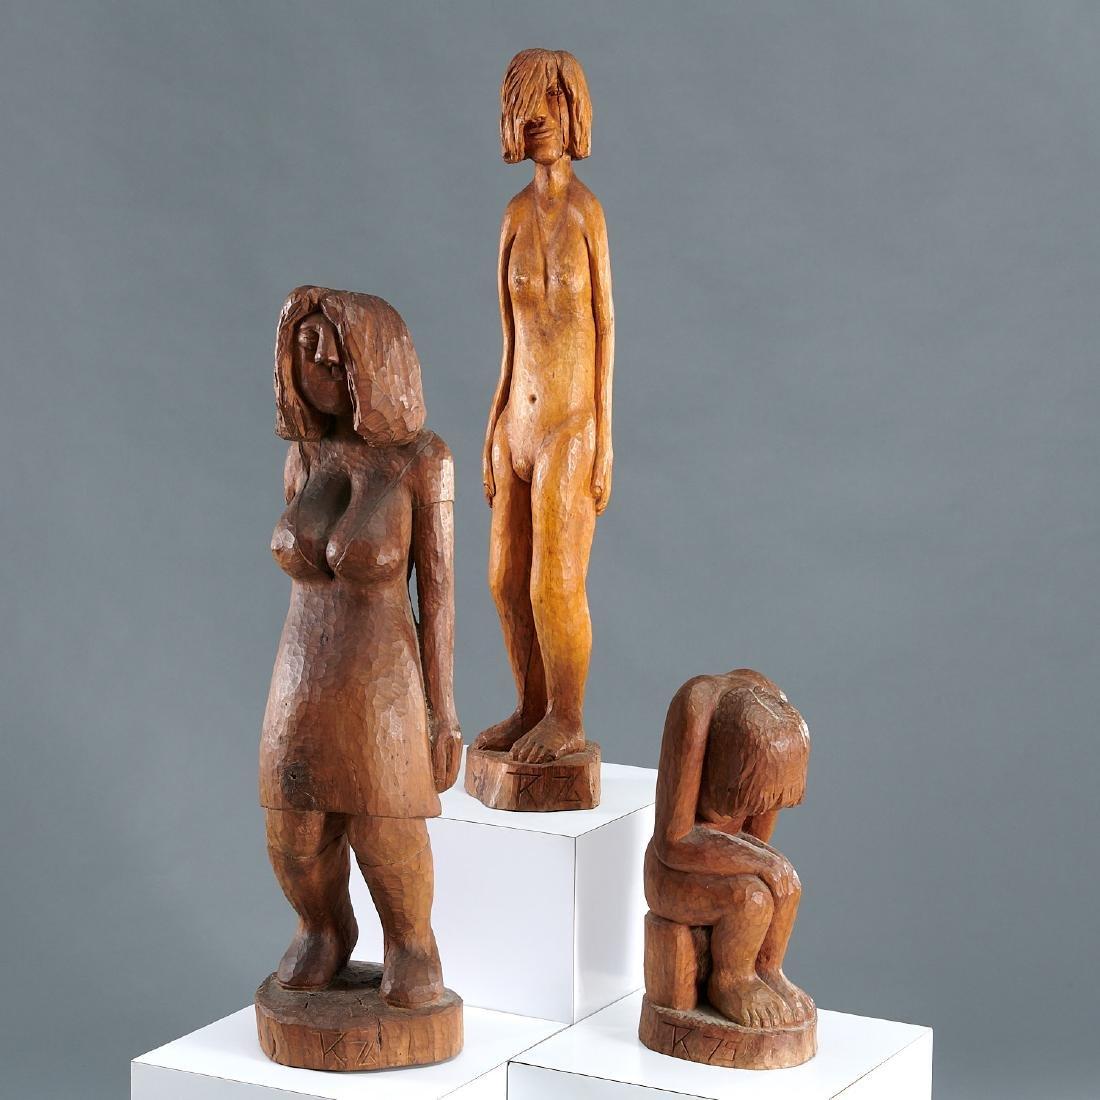 Kresimir Trumbetas, (3) sculptures